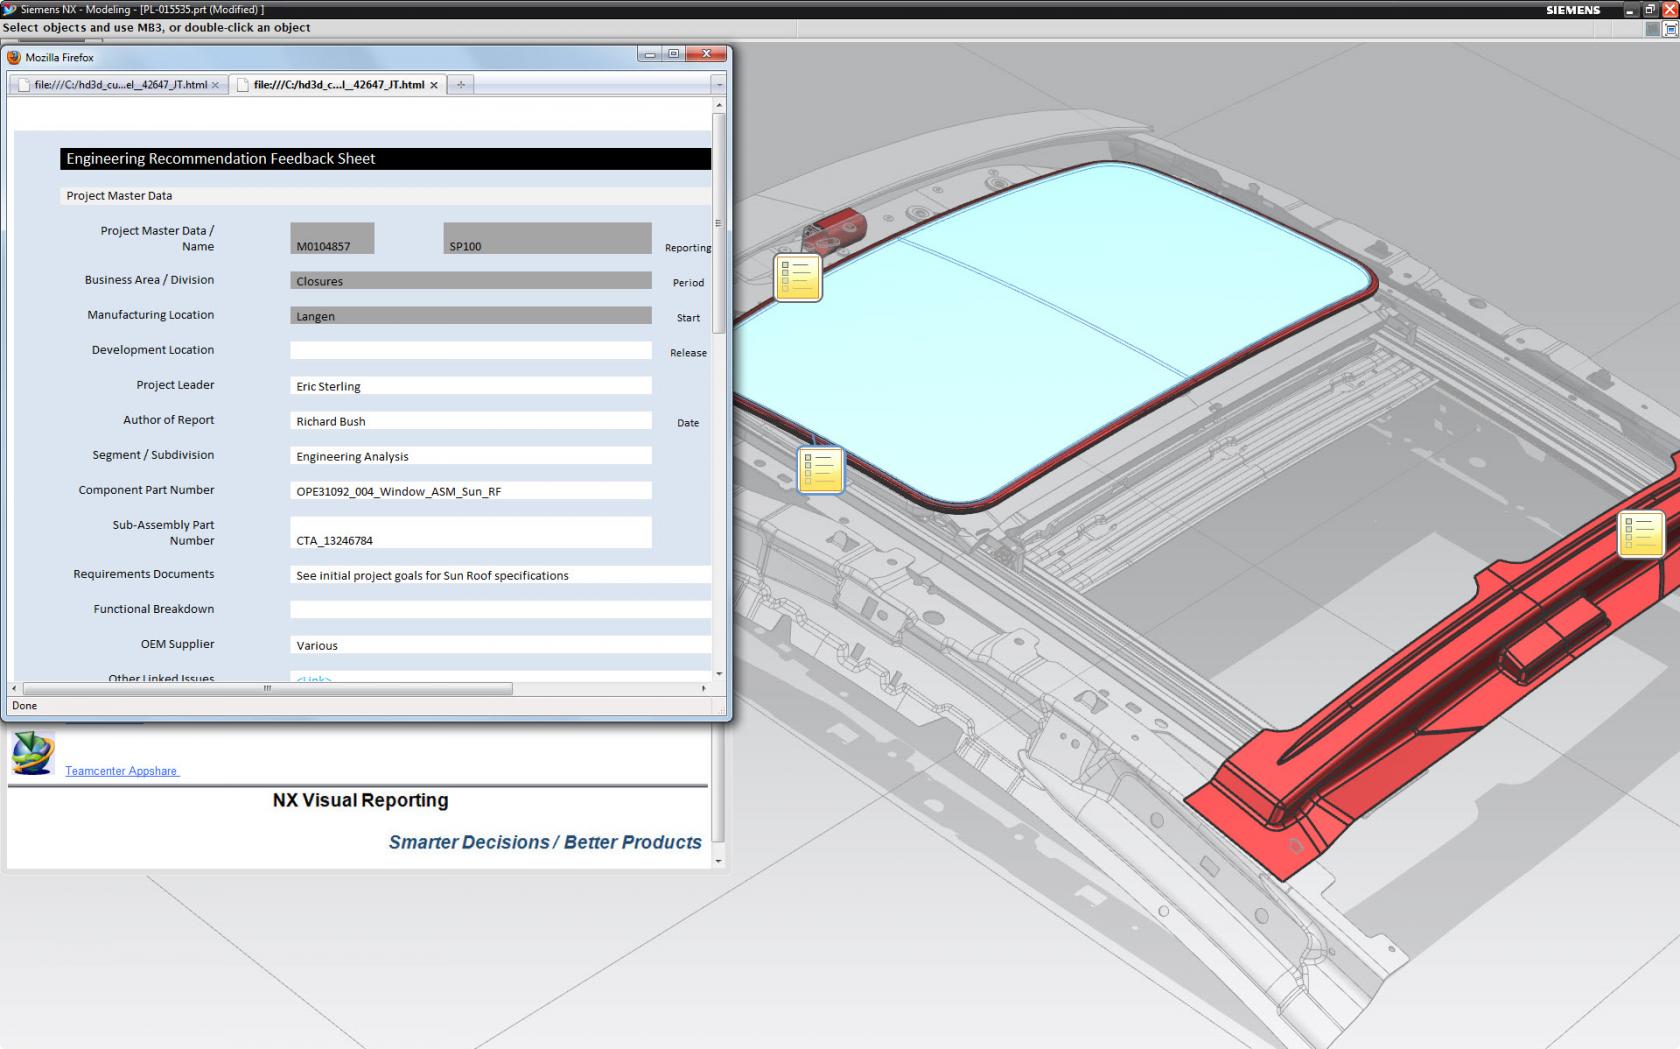 Buy Siemens NX incl Docs 8 0 0 25 64-bit download for